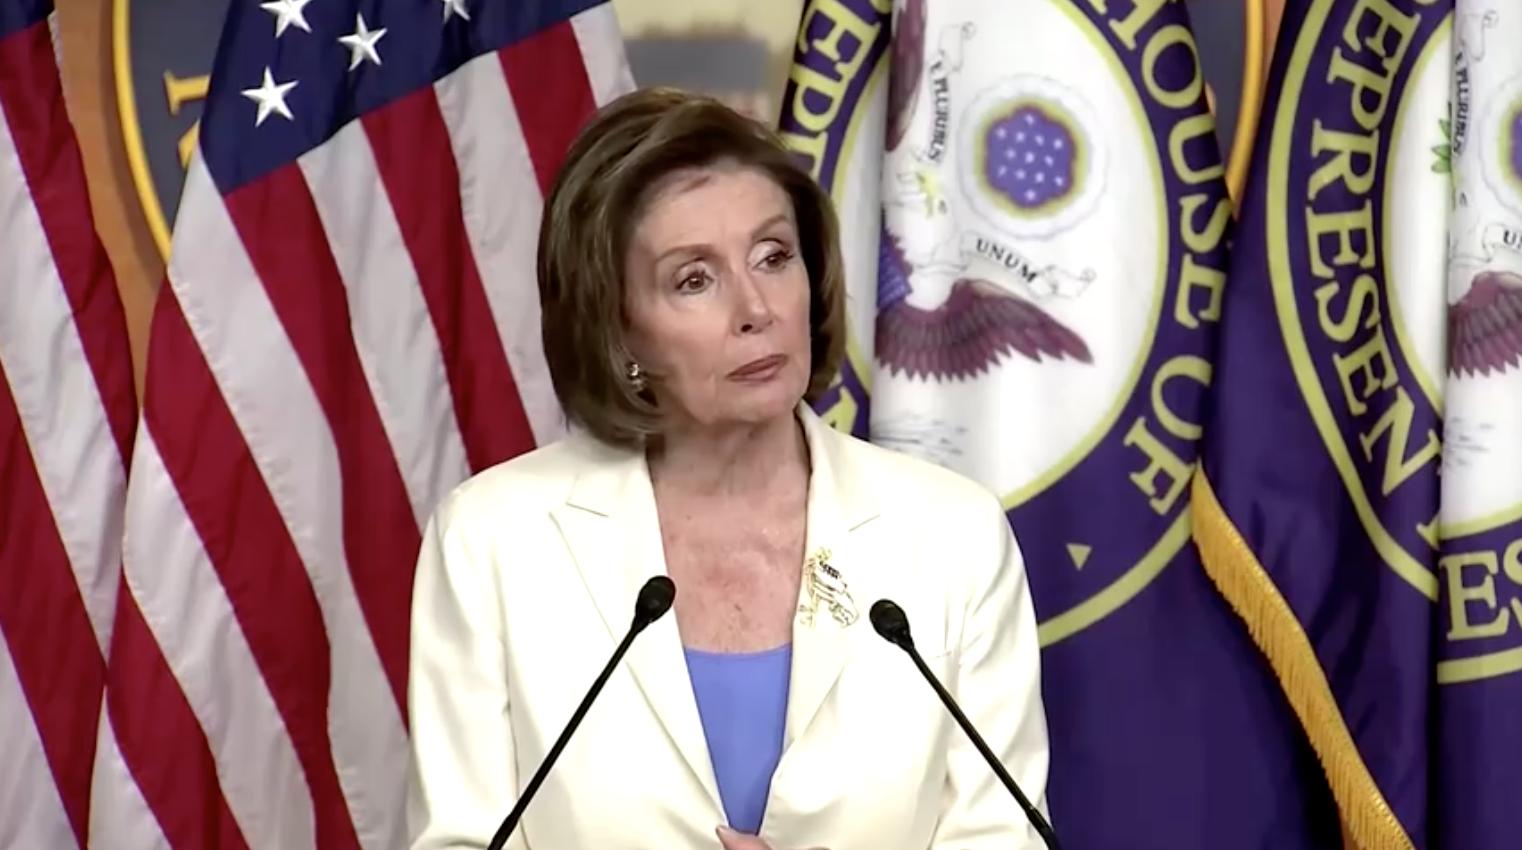 Chủ Tịch Hạ Viện Nancy Pelosi thông báo thành lập một ủy ban riêng để điều travụ bạo loạn ngày 6/1 ở tòa nhà Quốc Hội